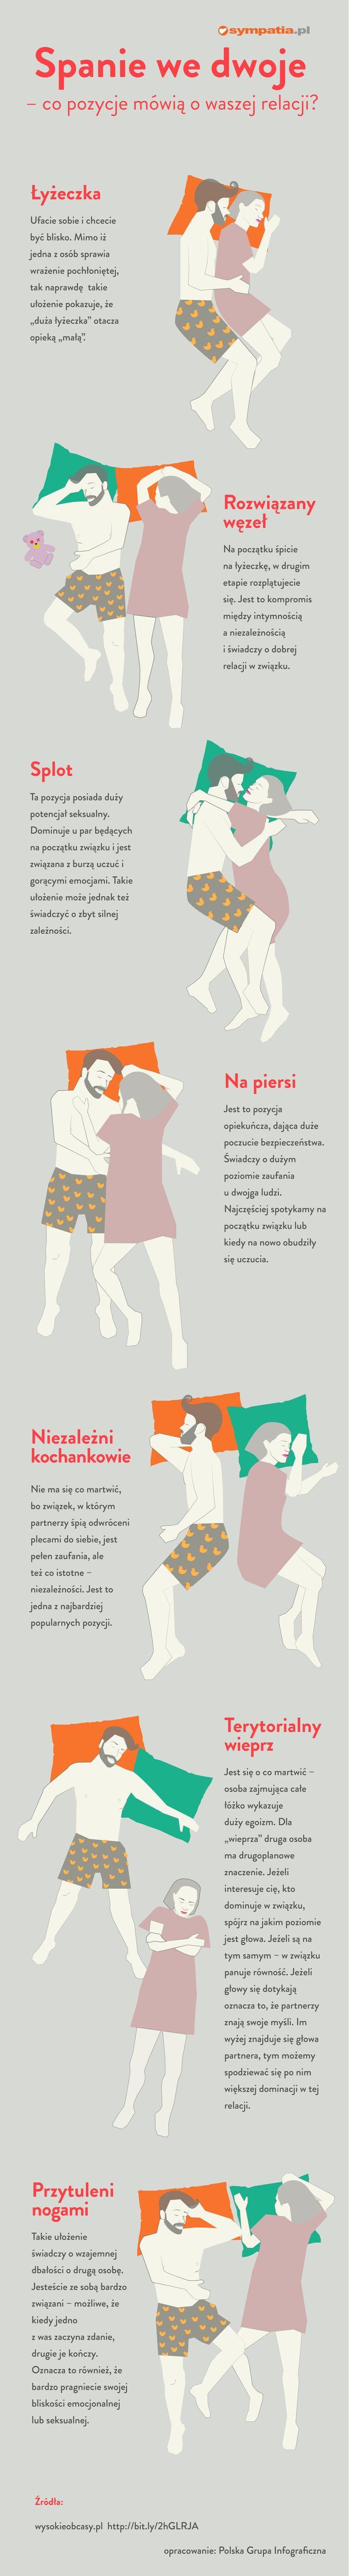 Spanie we dwoje - co pozycje, w jakich śpicie, mówi o waszej relacji? Infografika